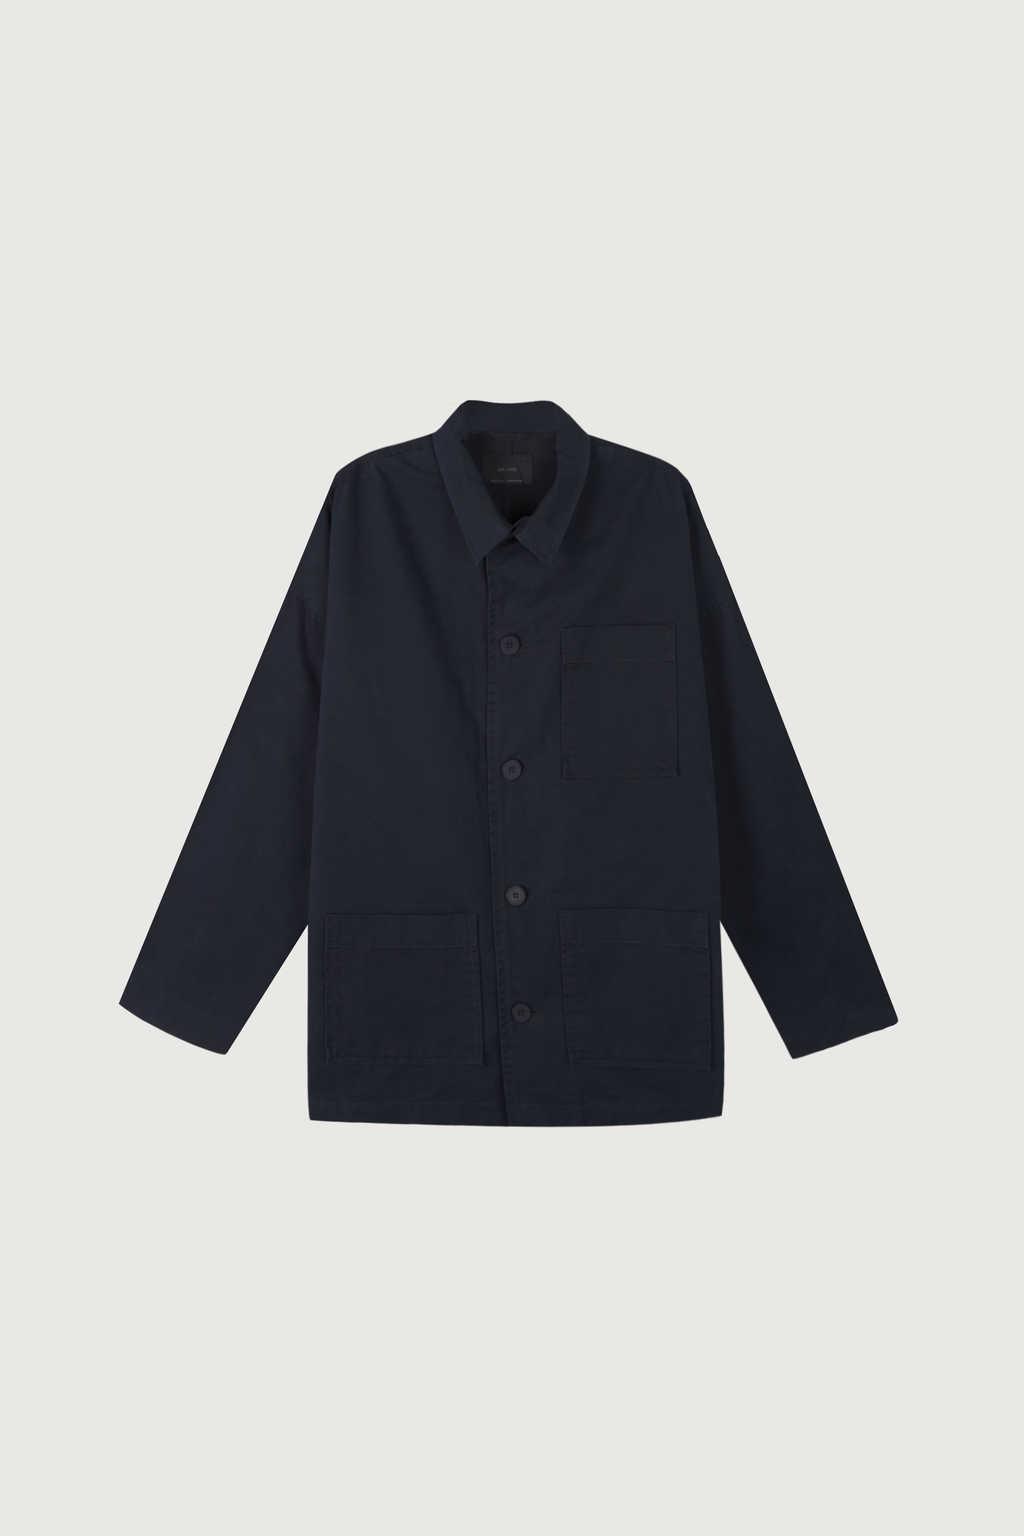 Jacket 3151 Navy 5